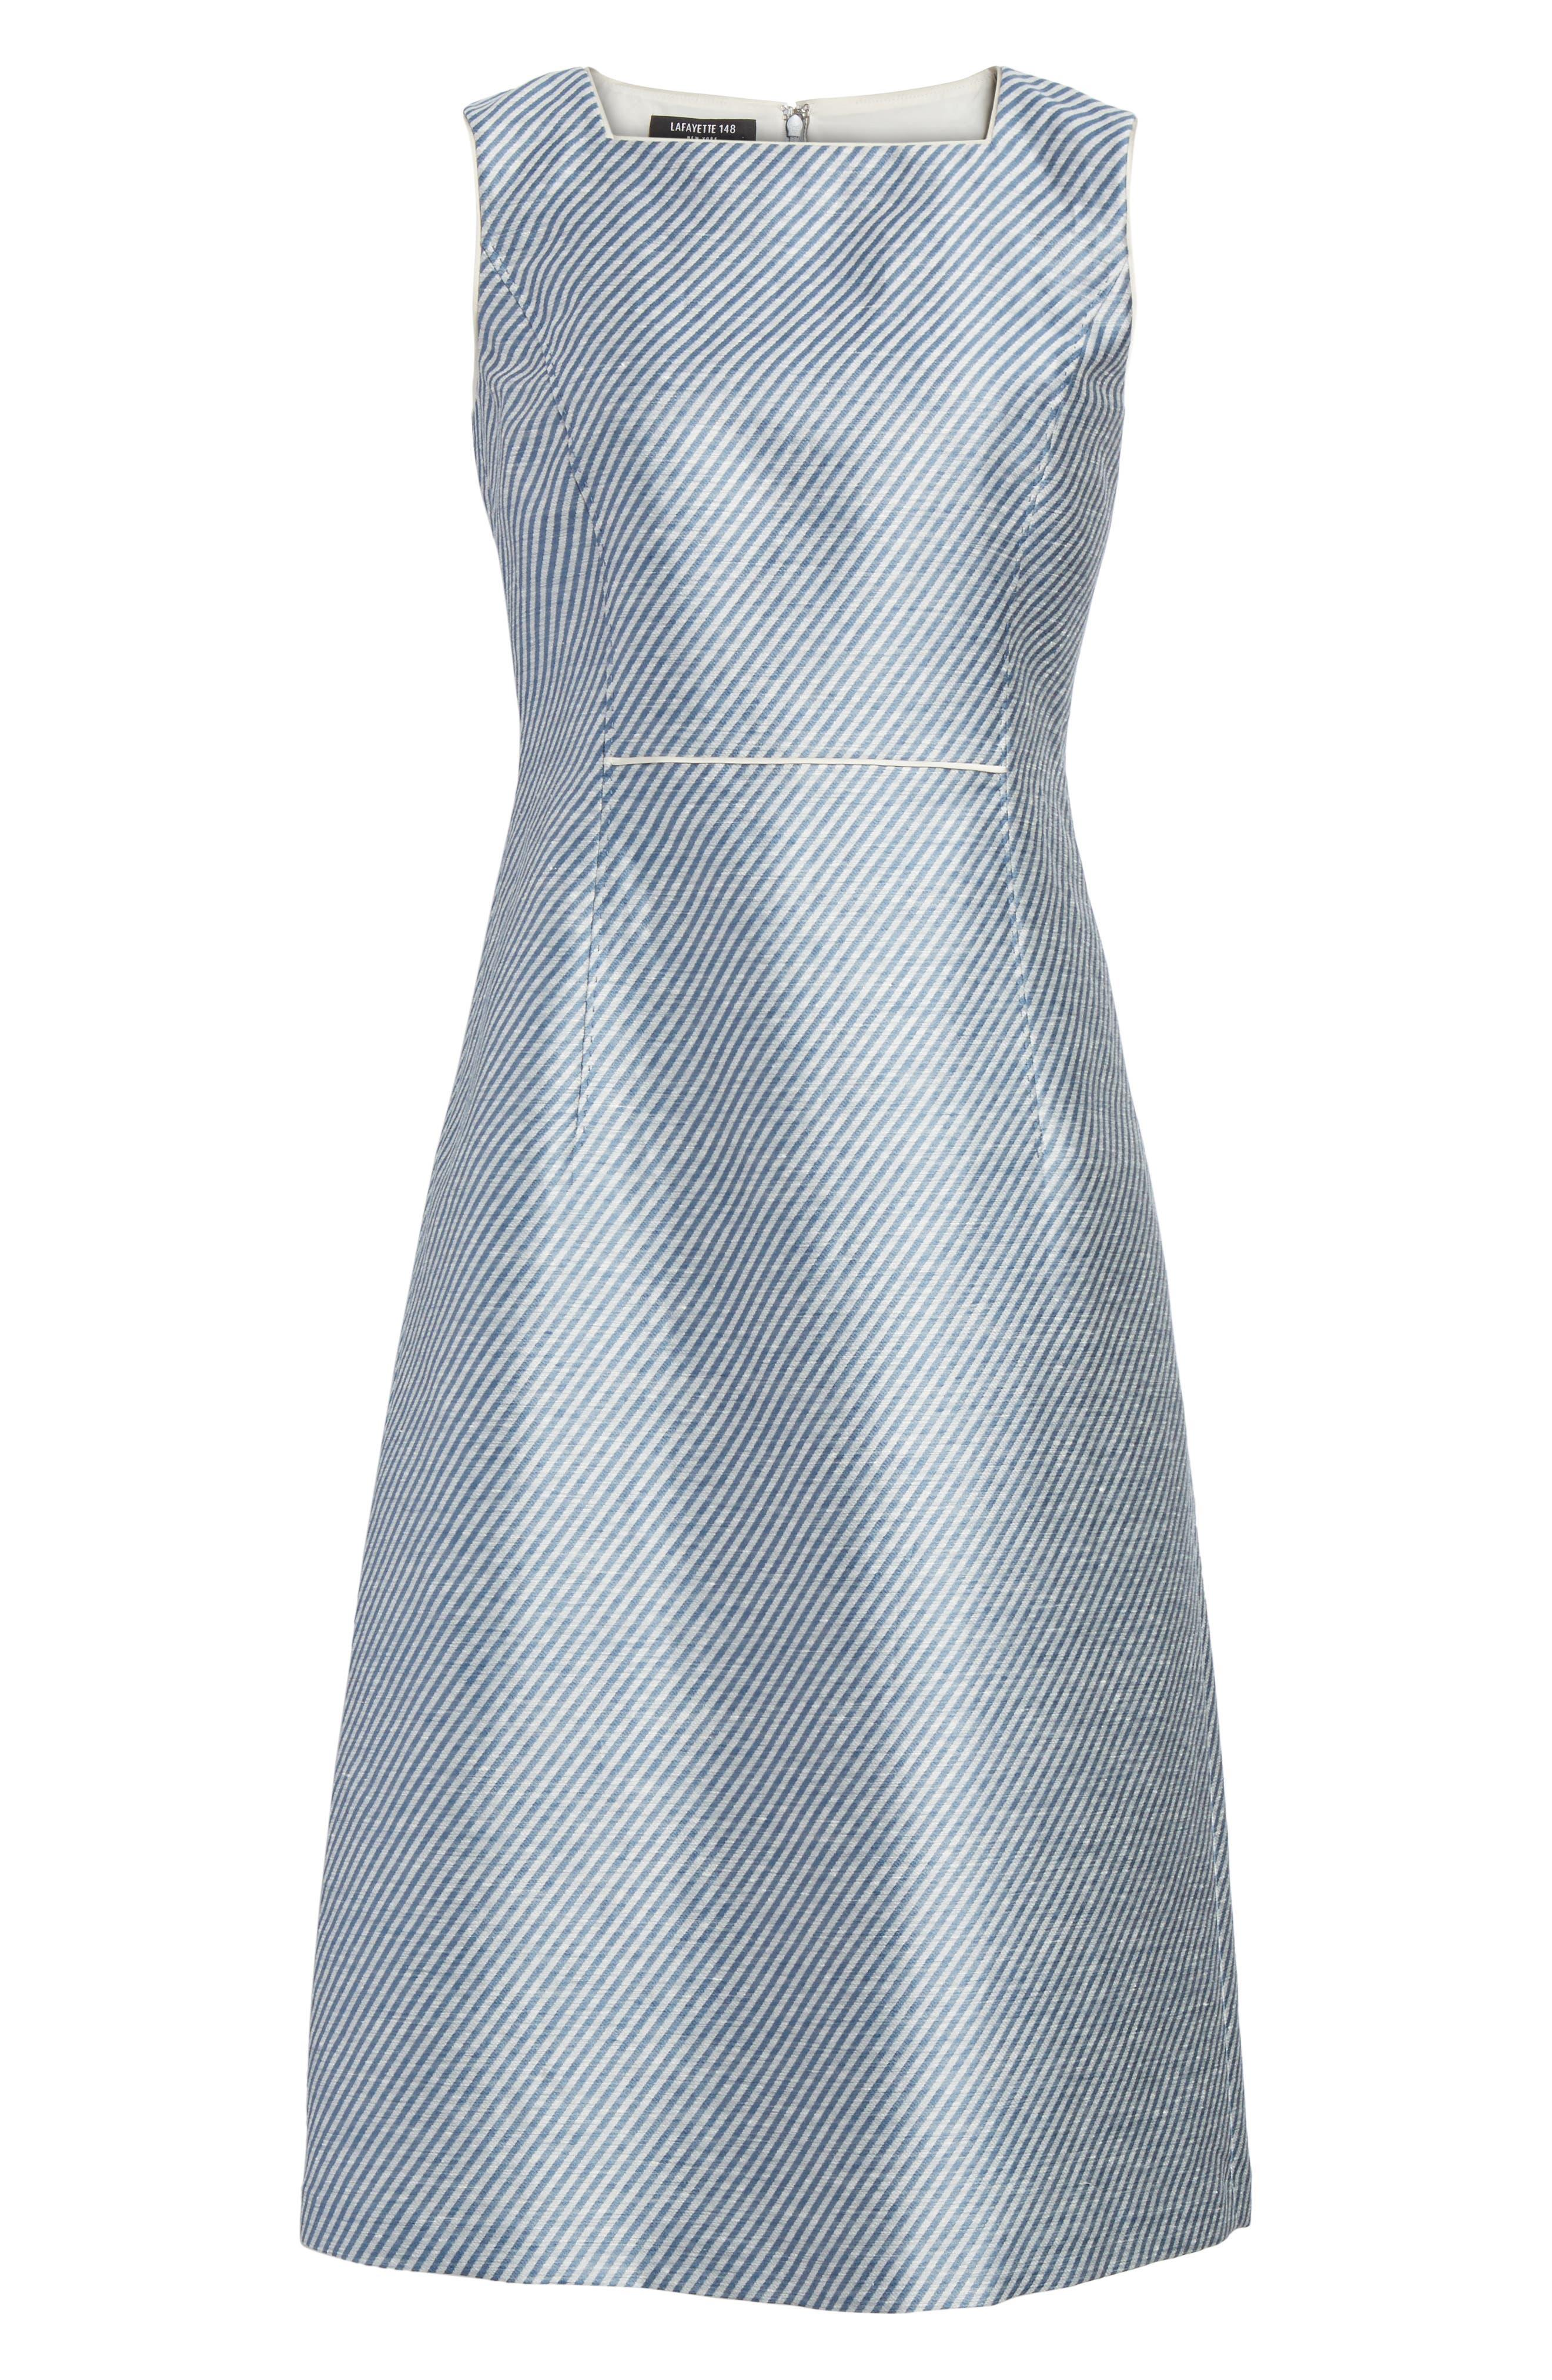 Jojo Sheath Dress,                             Alternate thumbnail 6, color,                             497